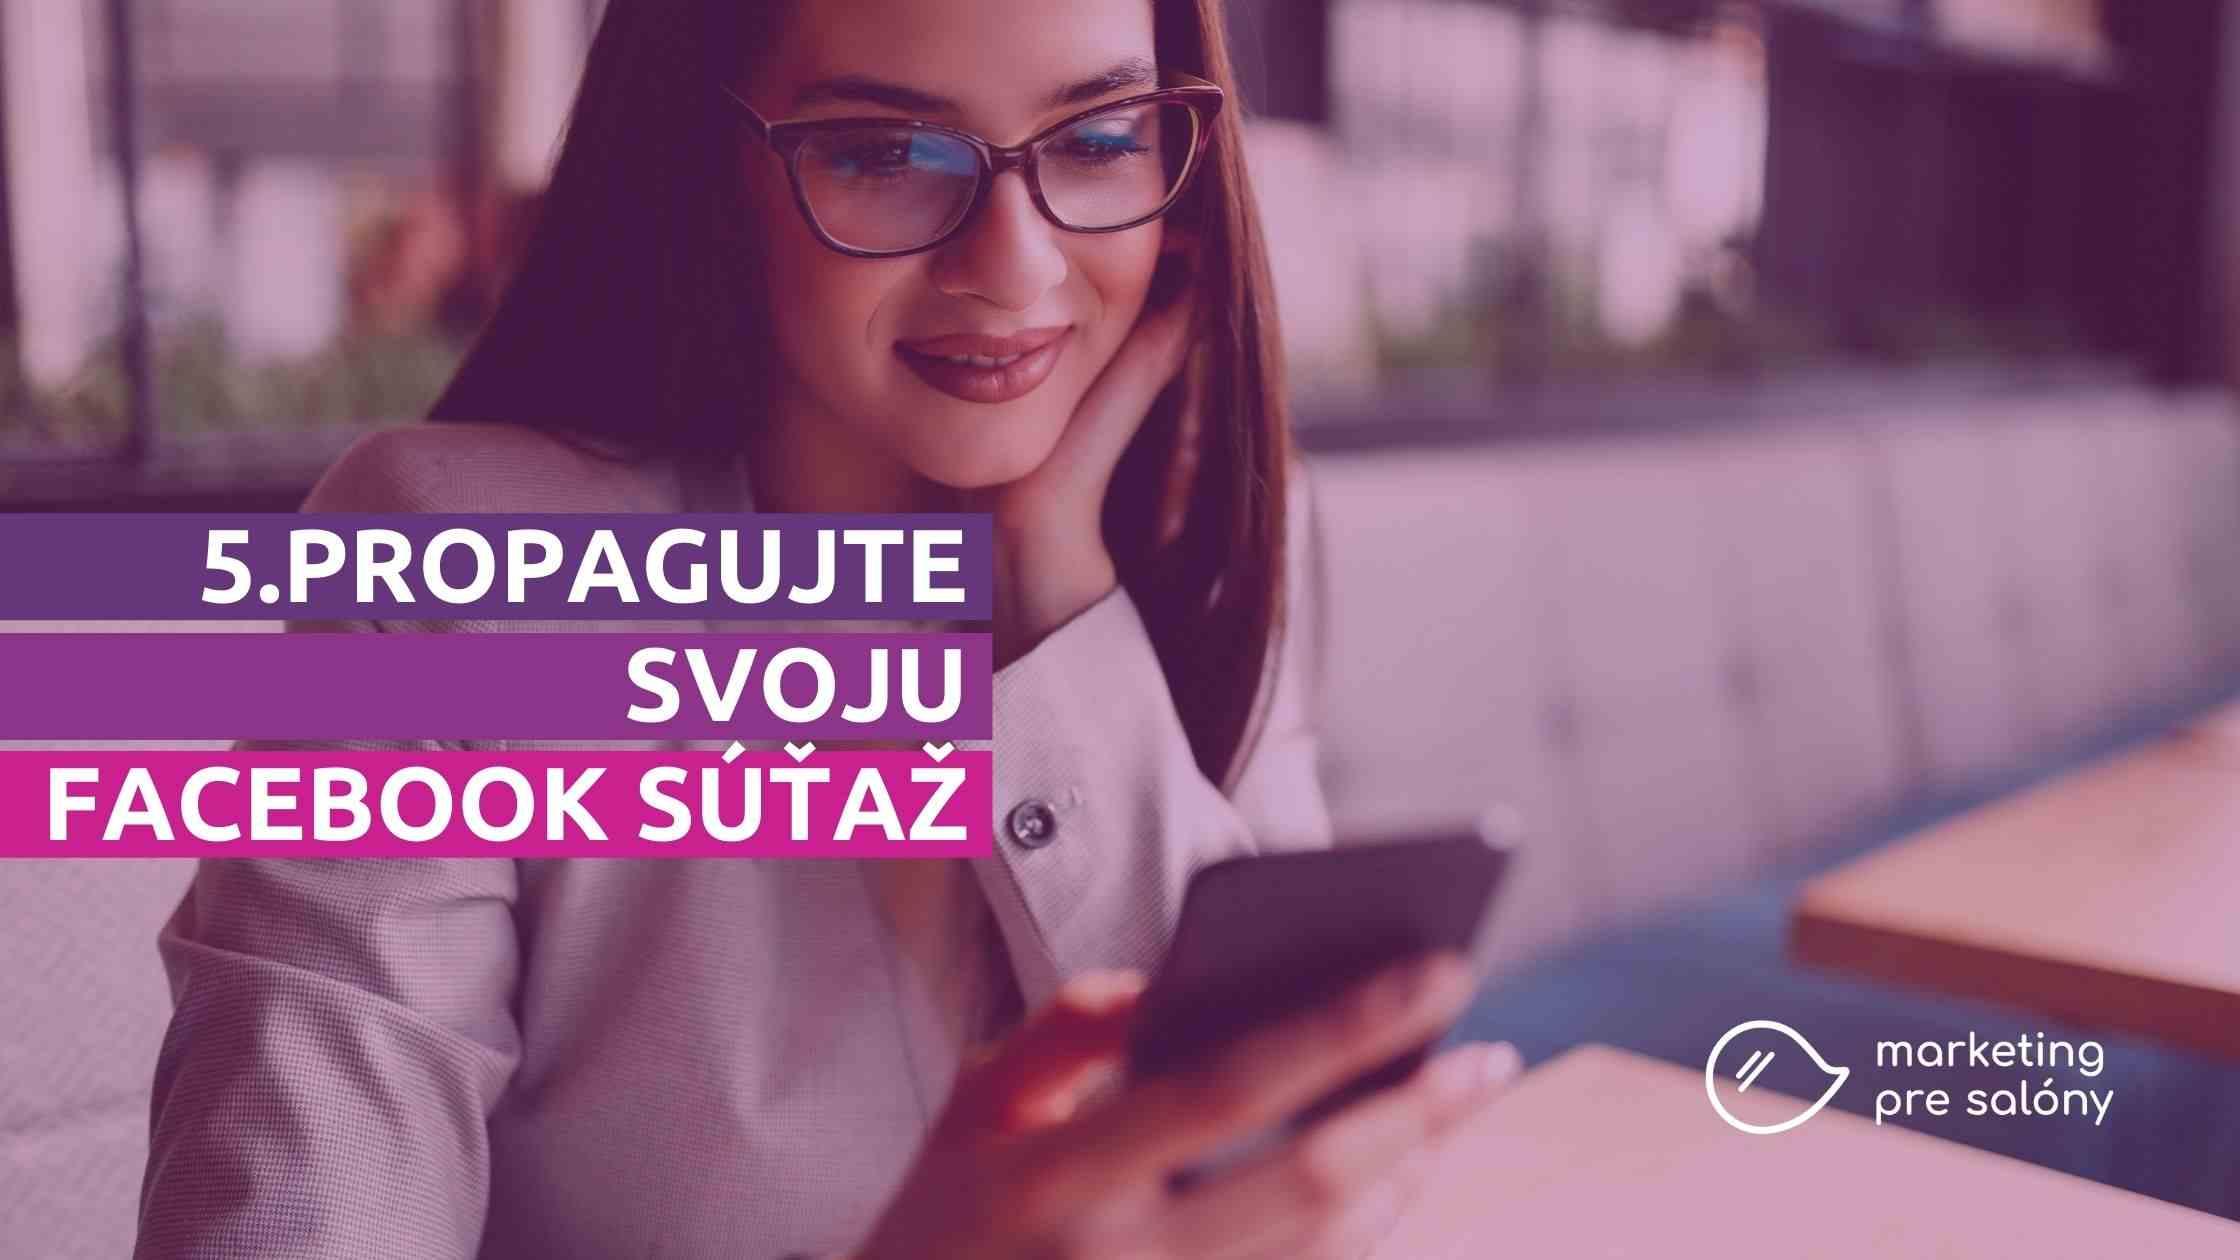 Propagujte svoju Facebook súťaž